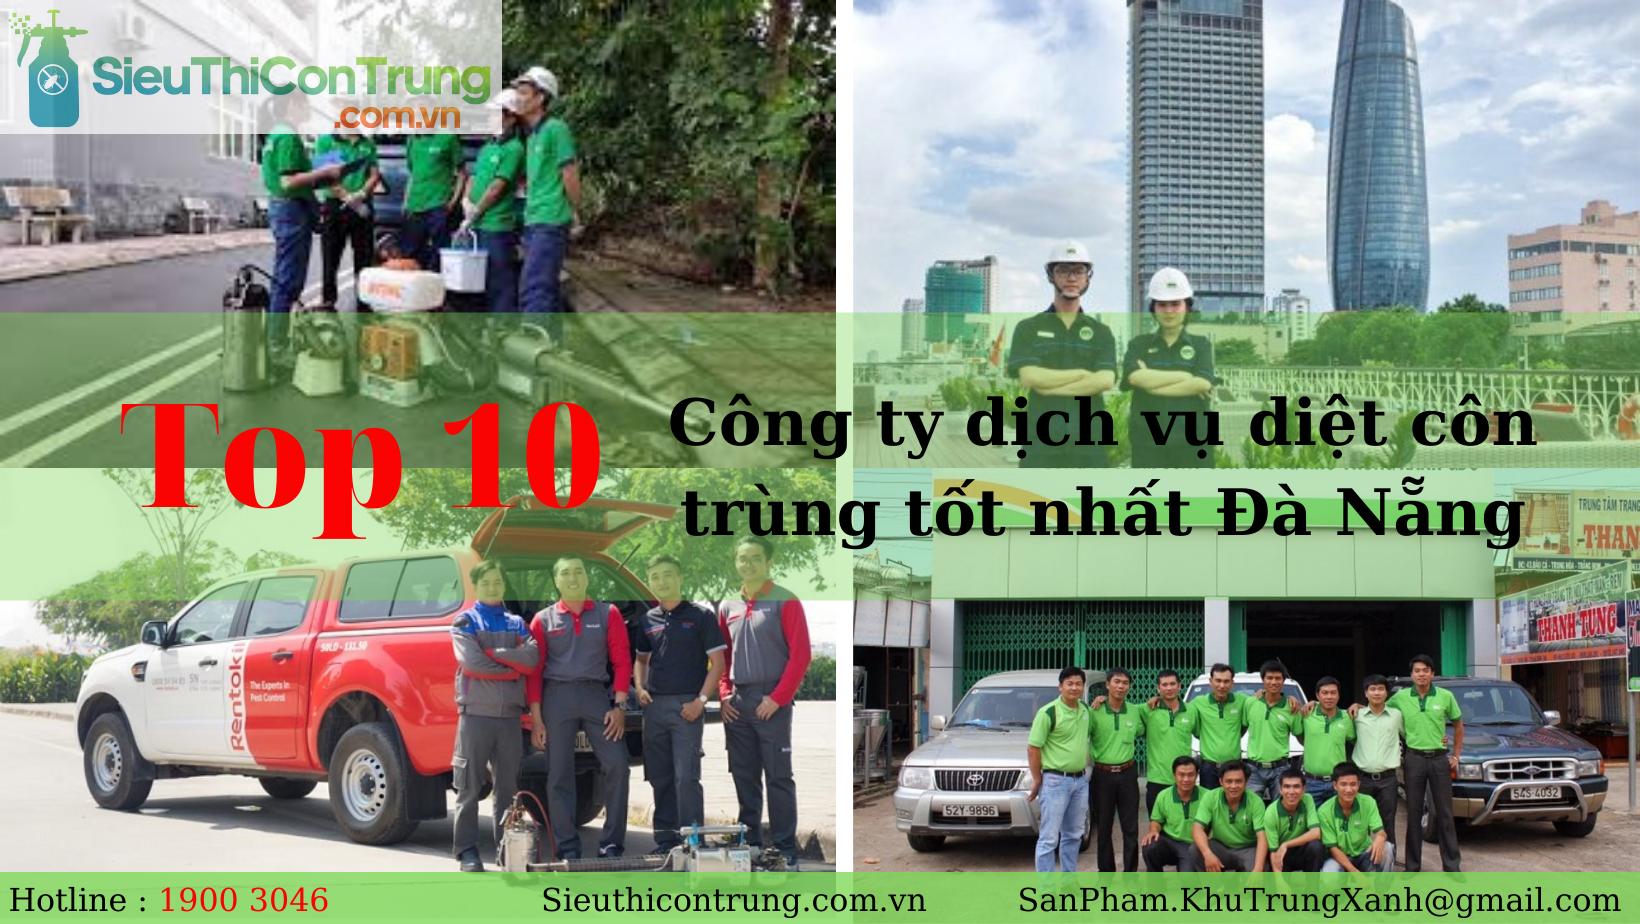 TUYỂN CHỌN 10 công ty dịch vụ diệt côn trùng tốt nhất Đà Nẵng